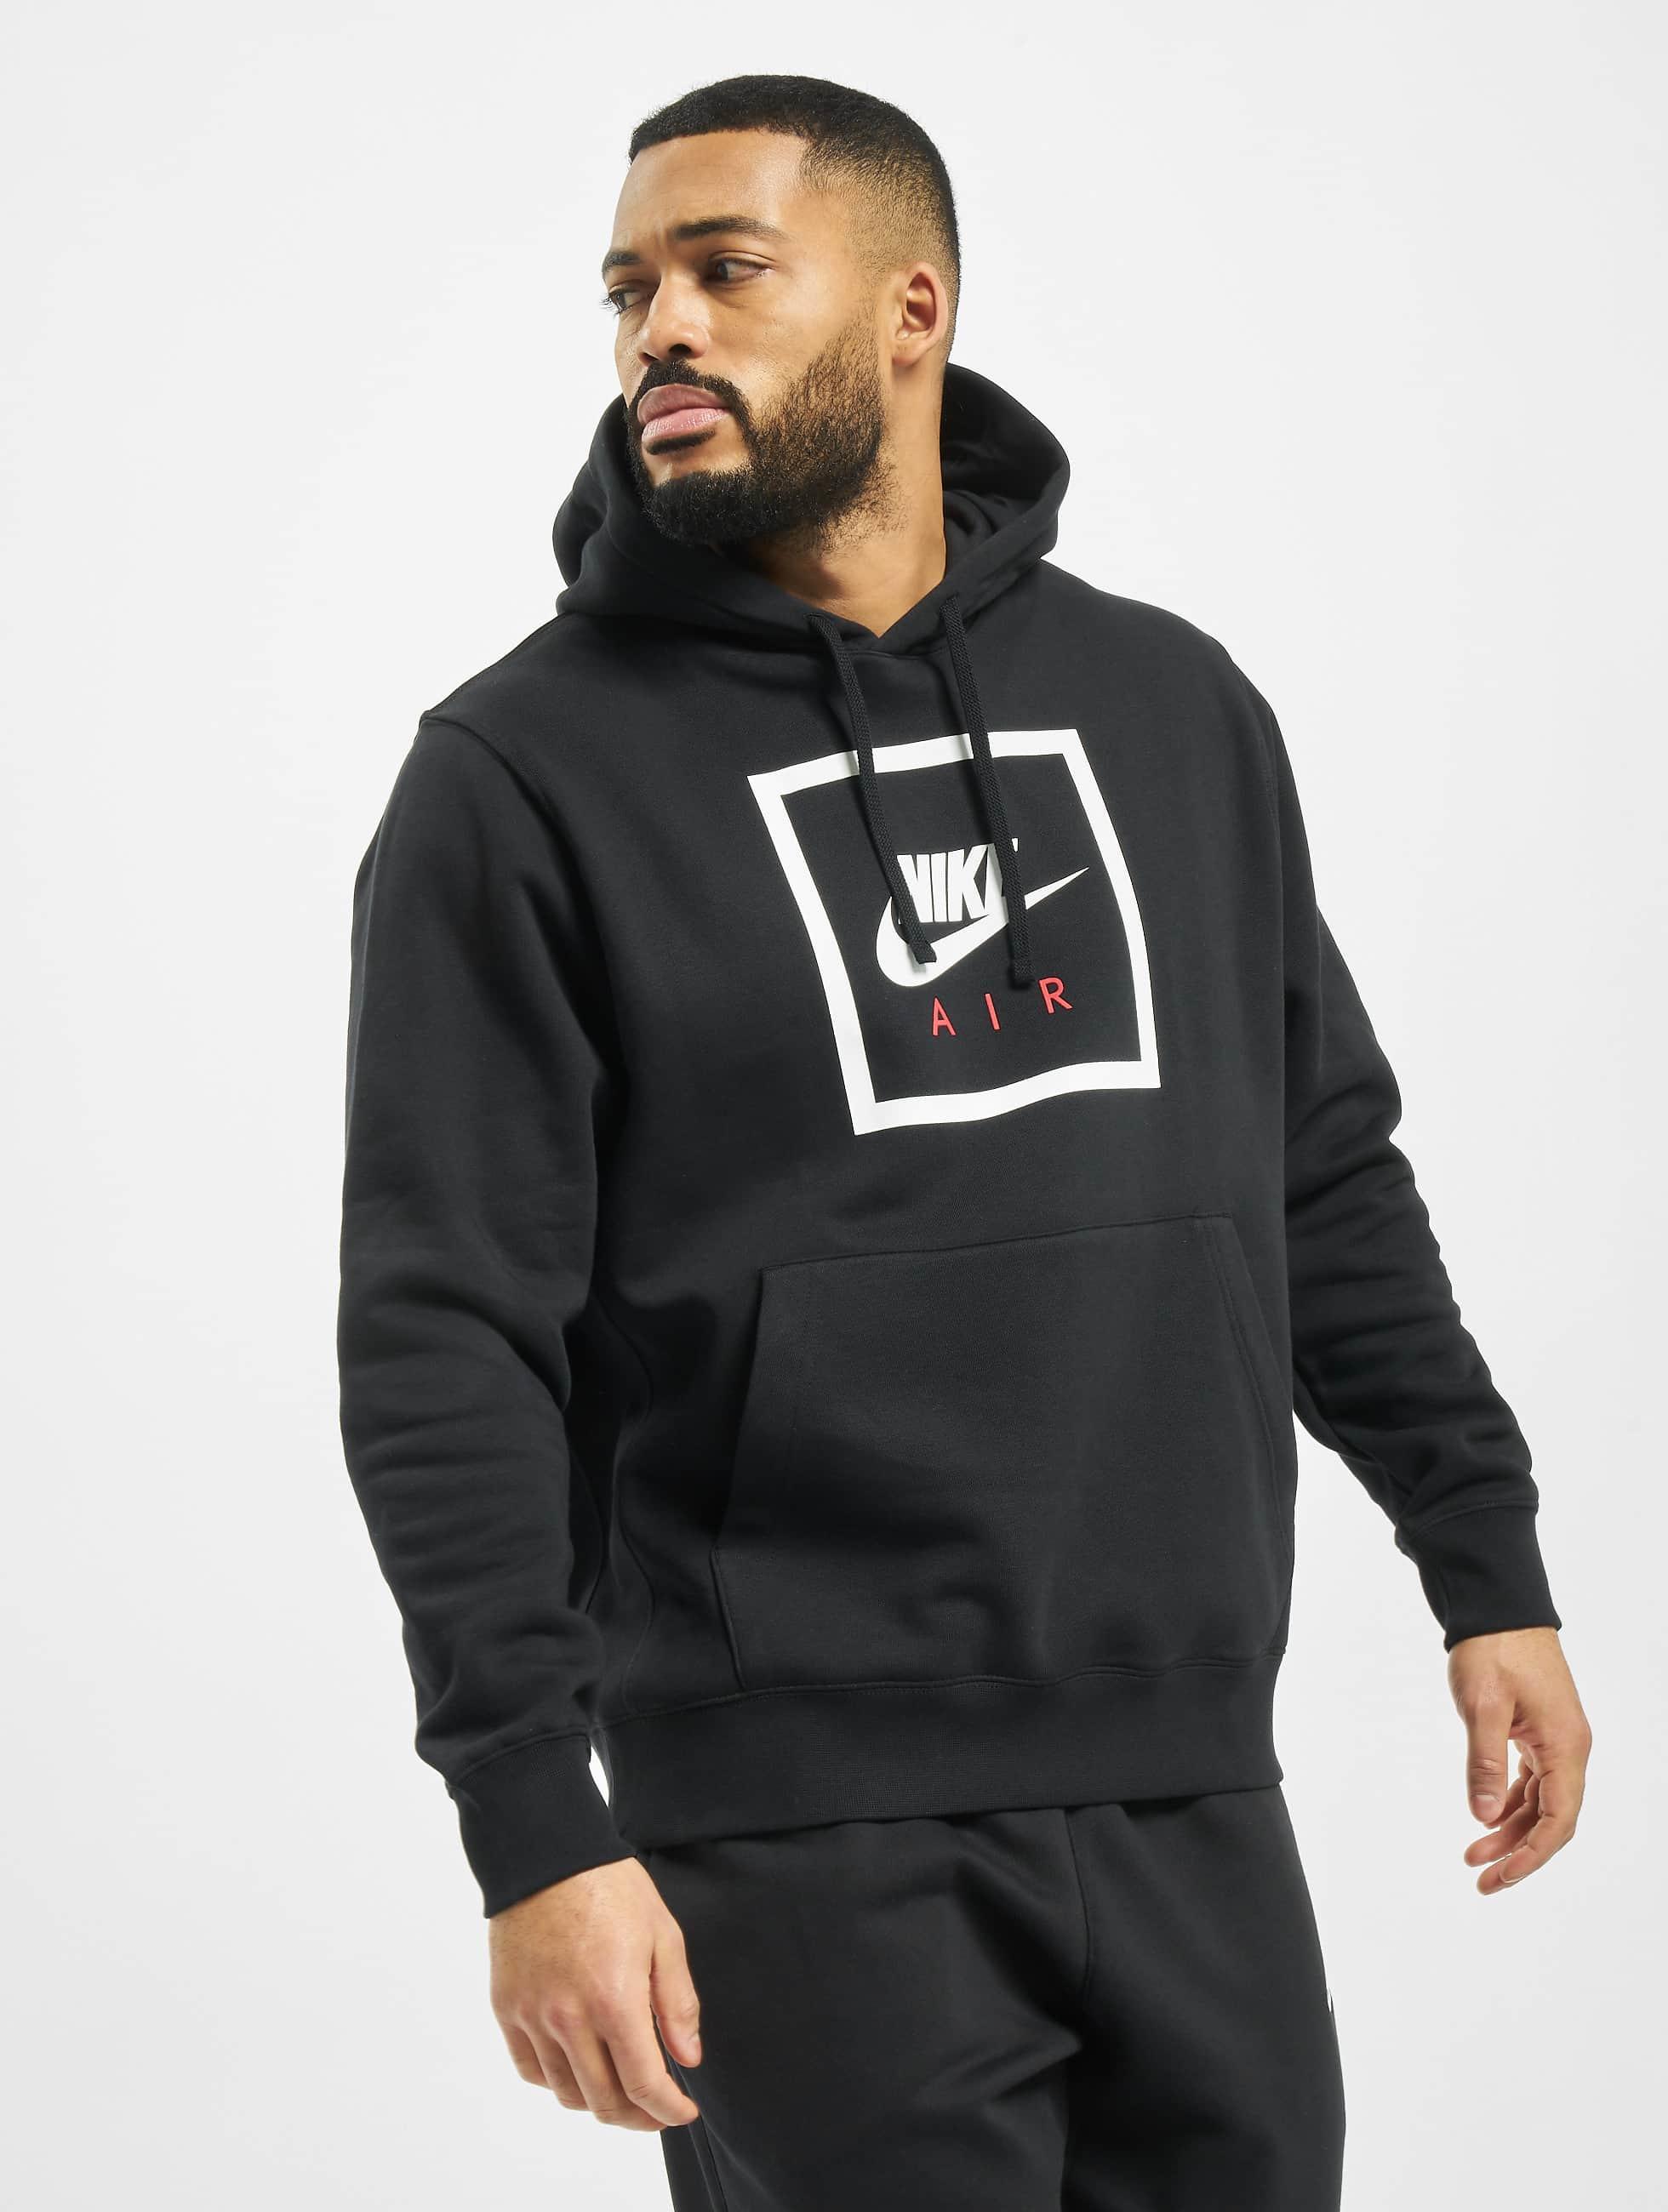 Nike Air 5 Hoodie BlackWhite